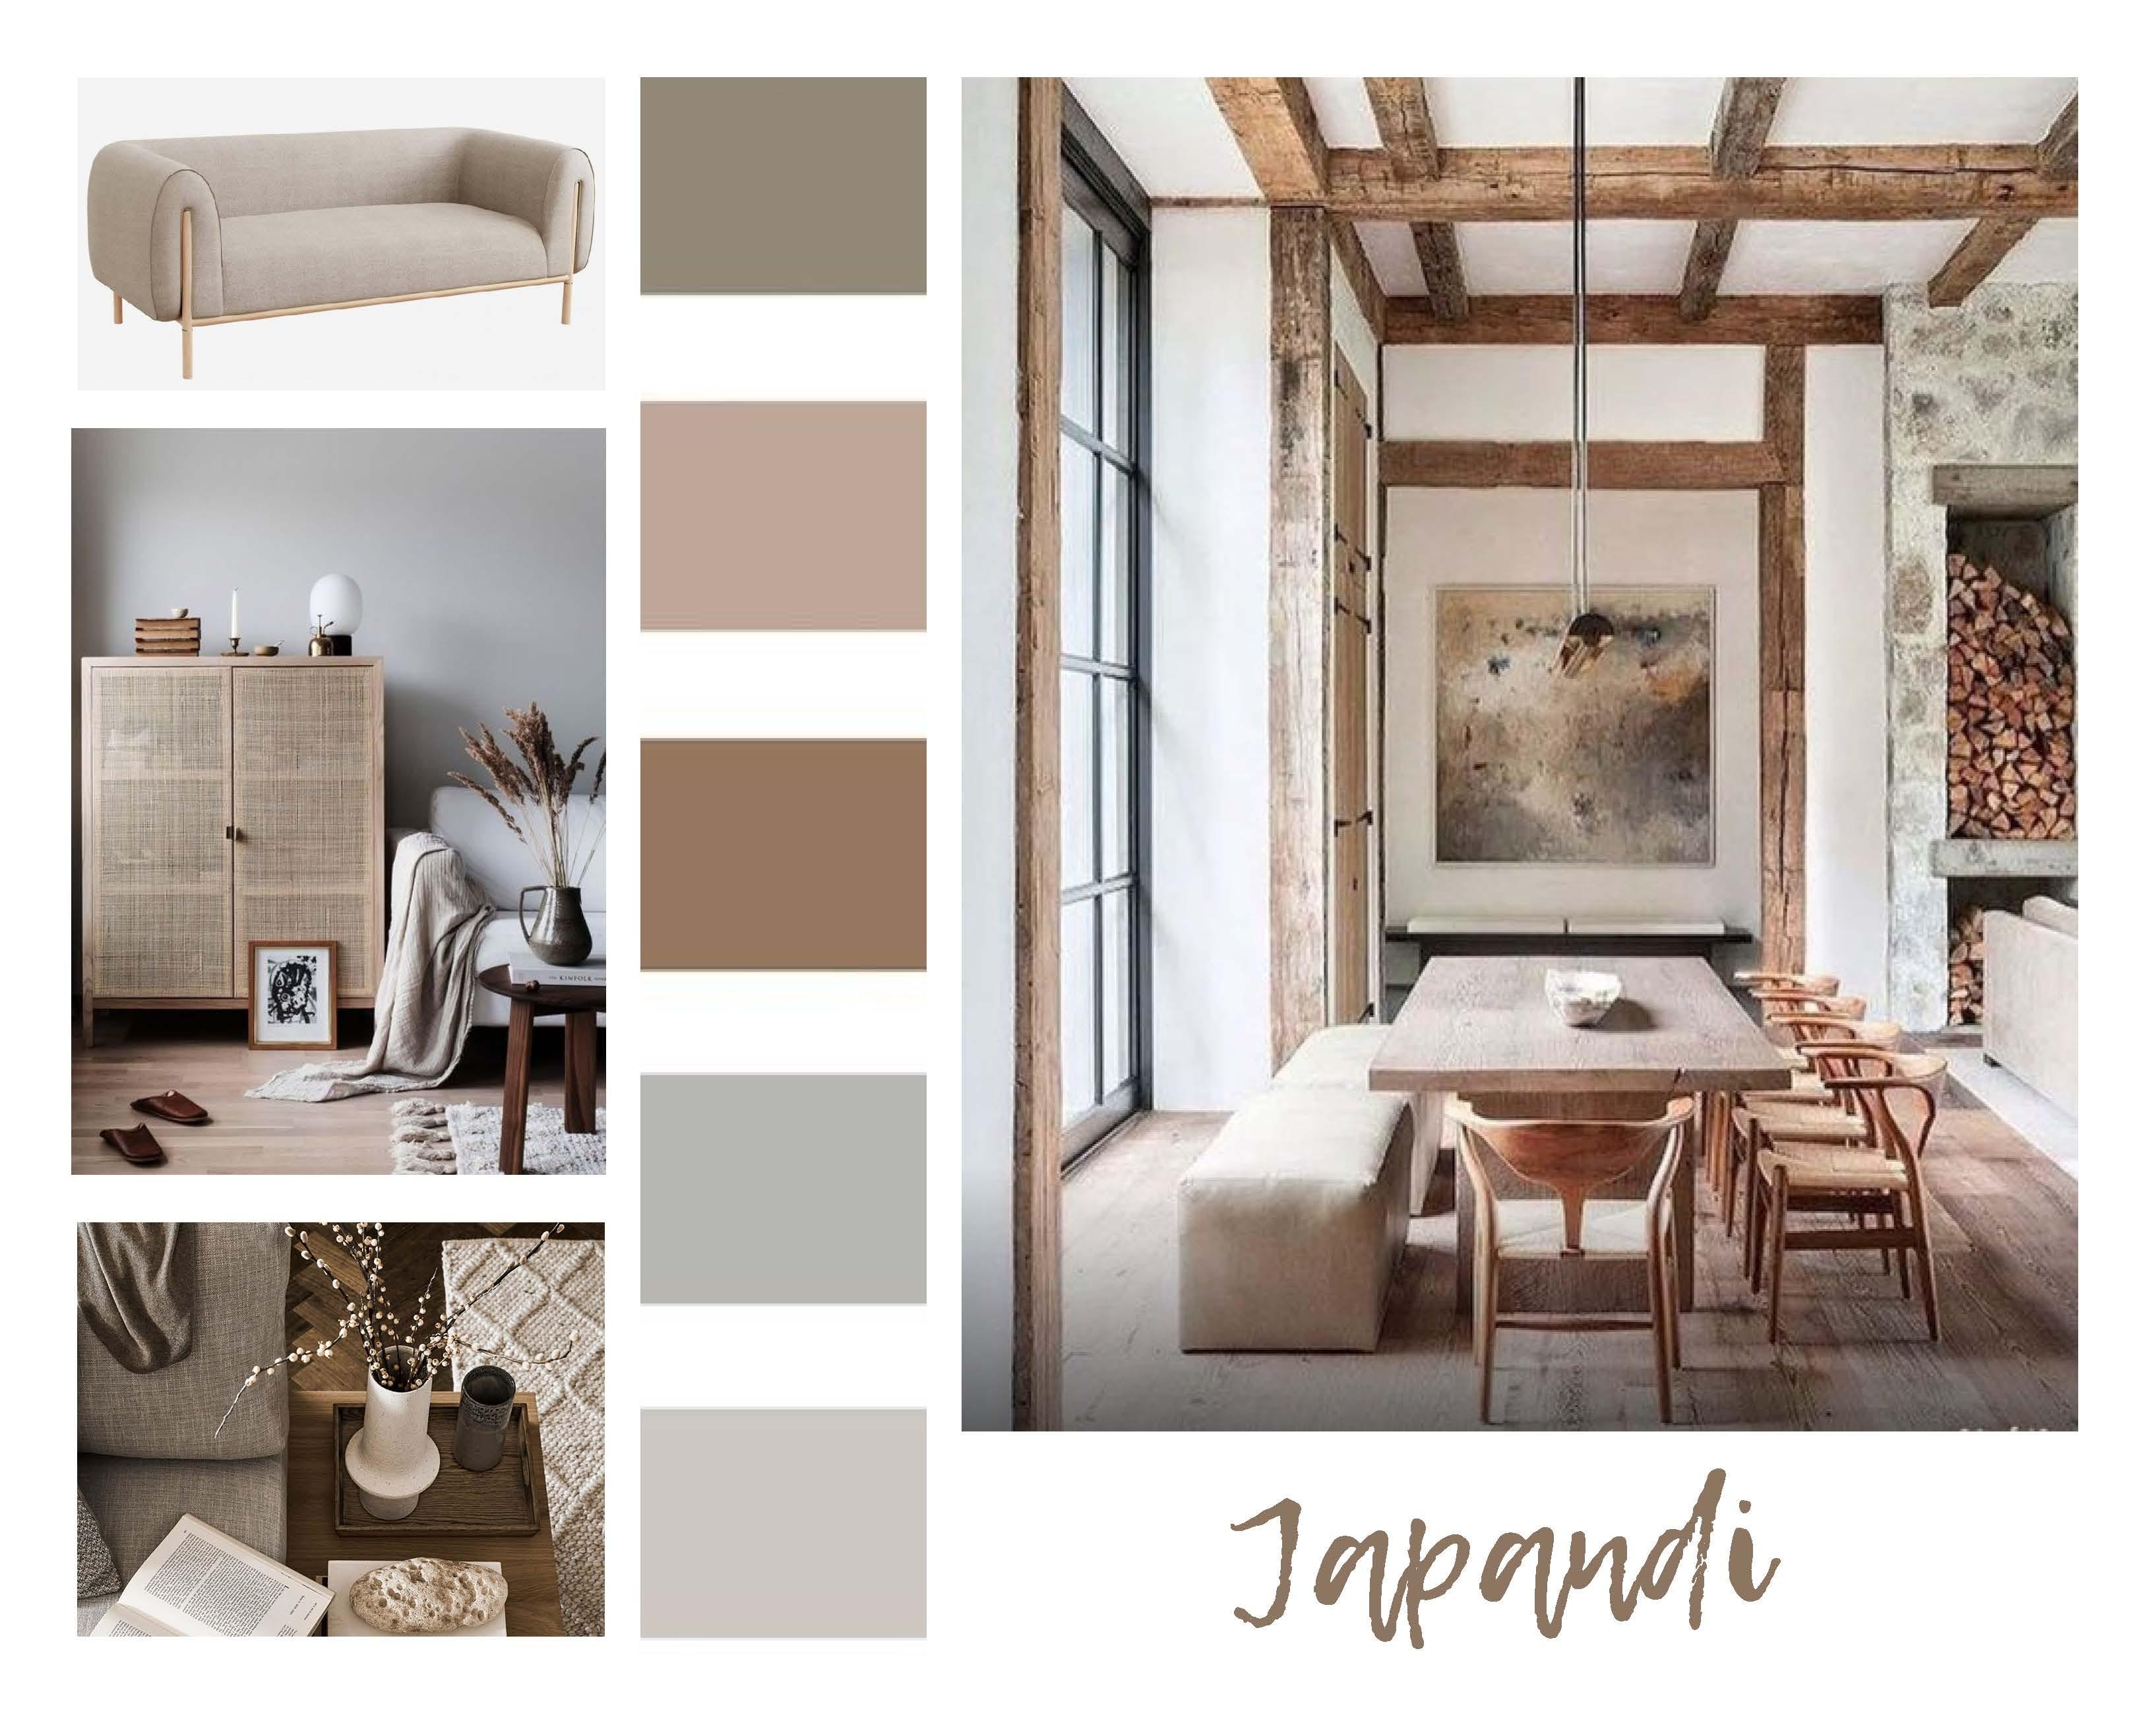 Décoration d'intérieur pour location meublée moodboard Japandi